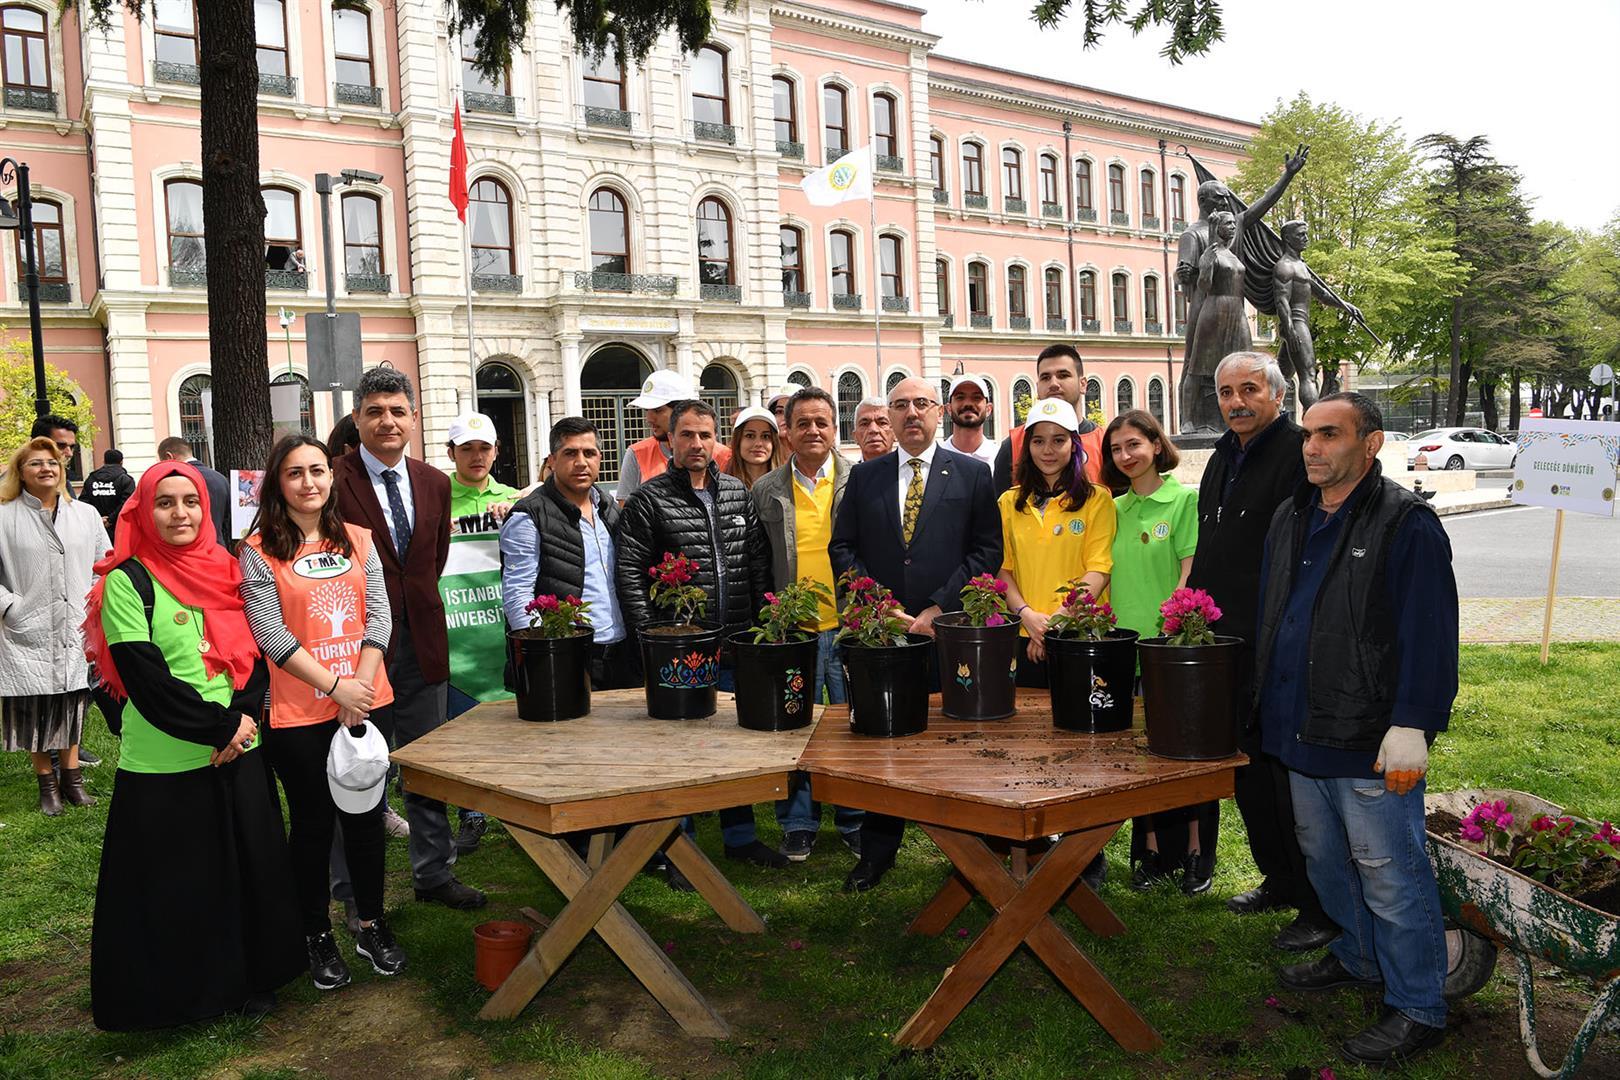 """İstanbul-Üniversitesi-""""Engelsiz-Üniversite-Çalıştayı'nda""""-3-Birimde-Bayrak-Ödülü'ne-Sahip-Oldu"""